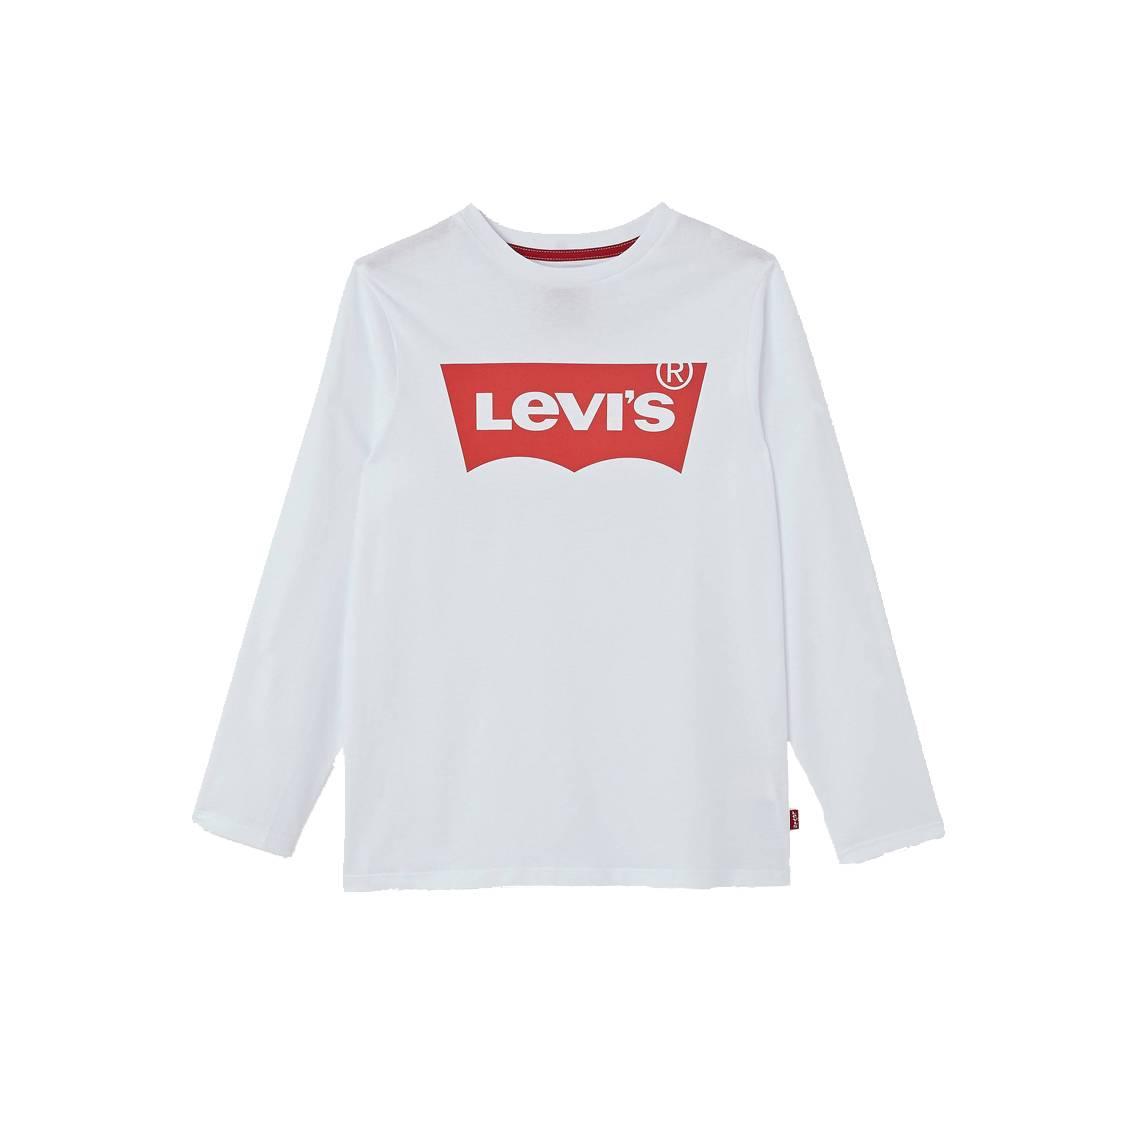 Tee-shirt manches longues col rond Levi s Junior en coton blanc ... c628db8120d7